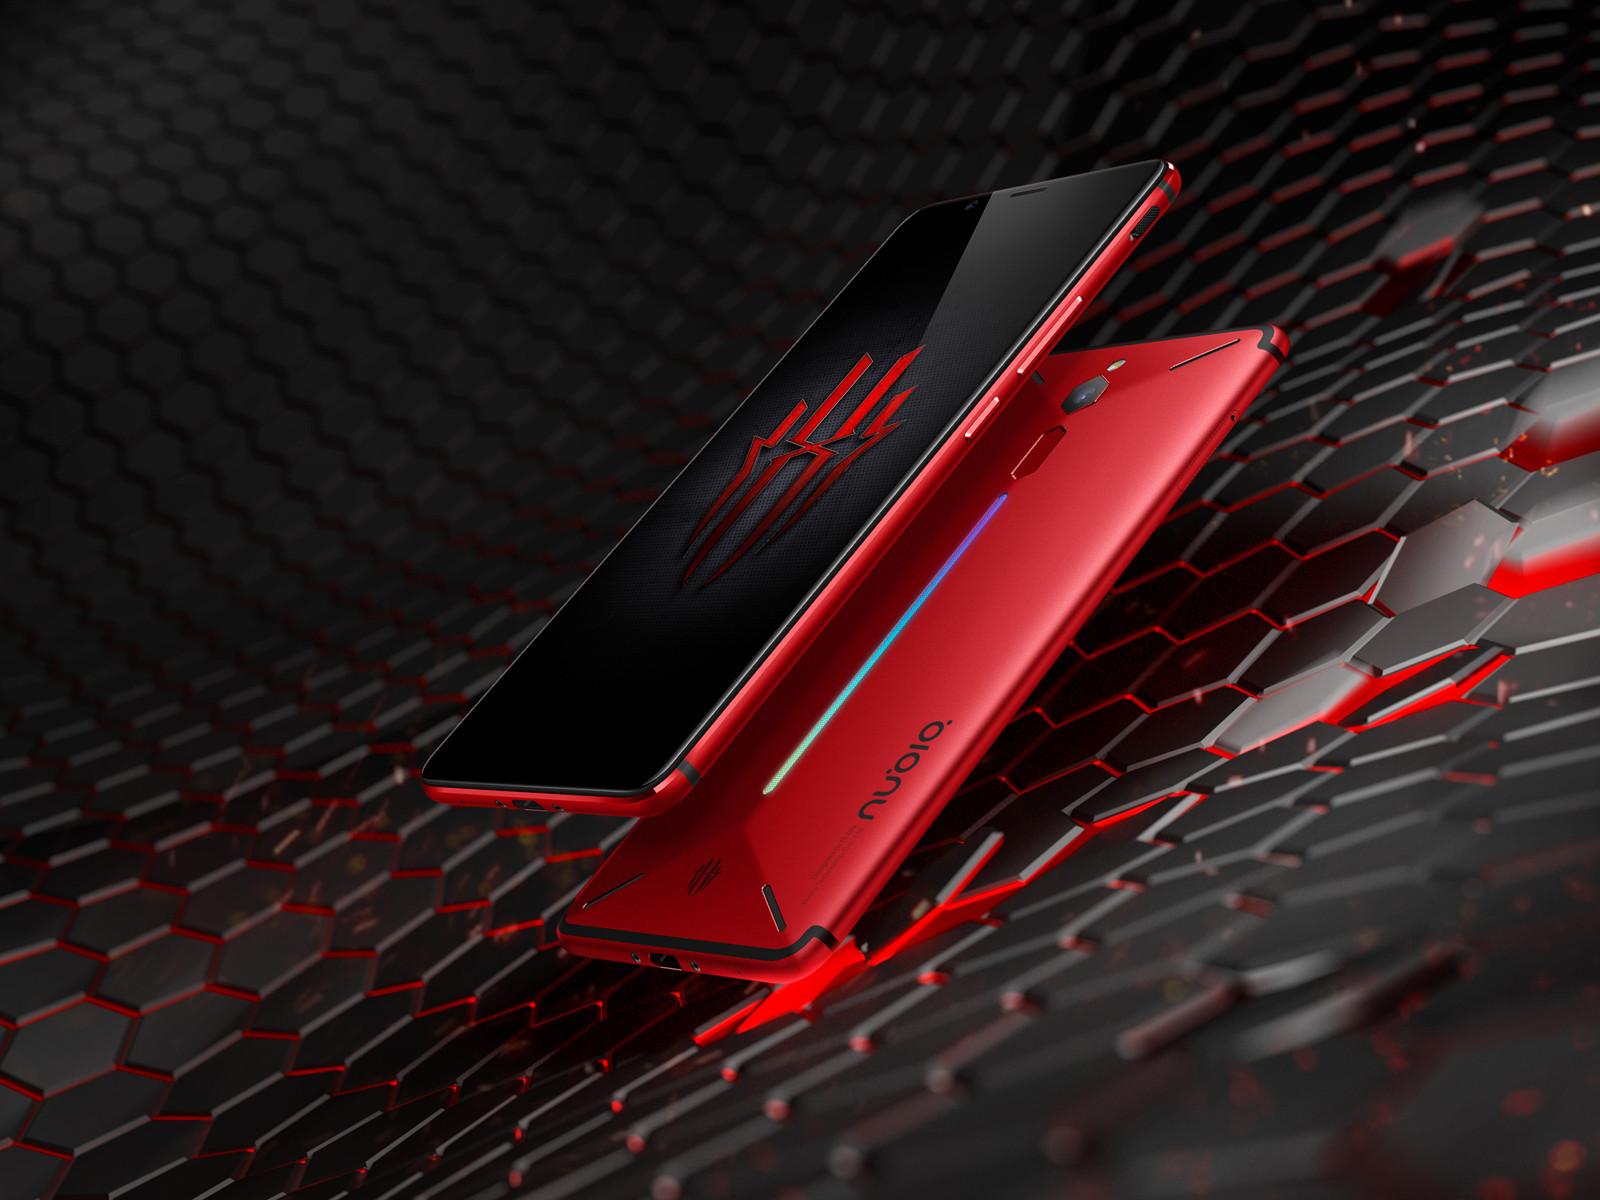 努比亚红魔电竞游戏手机(64GB)整体外观第4张